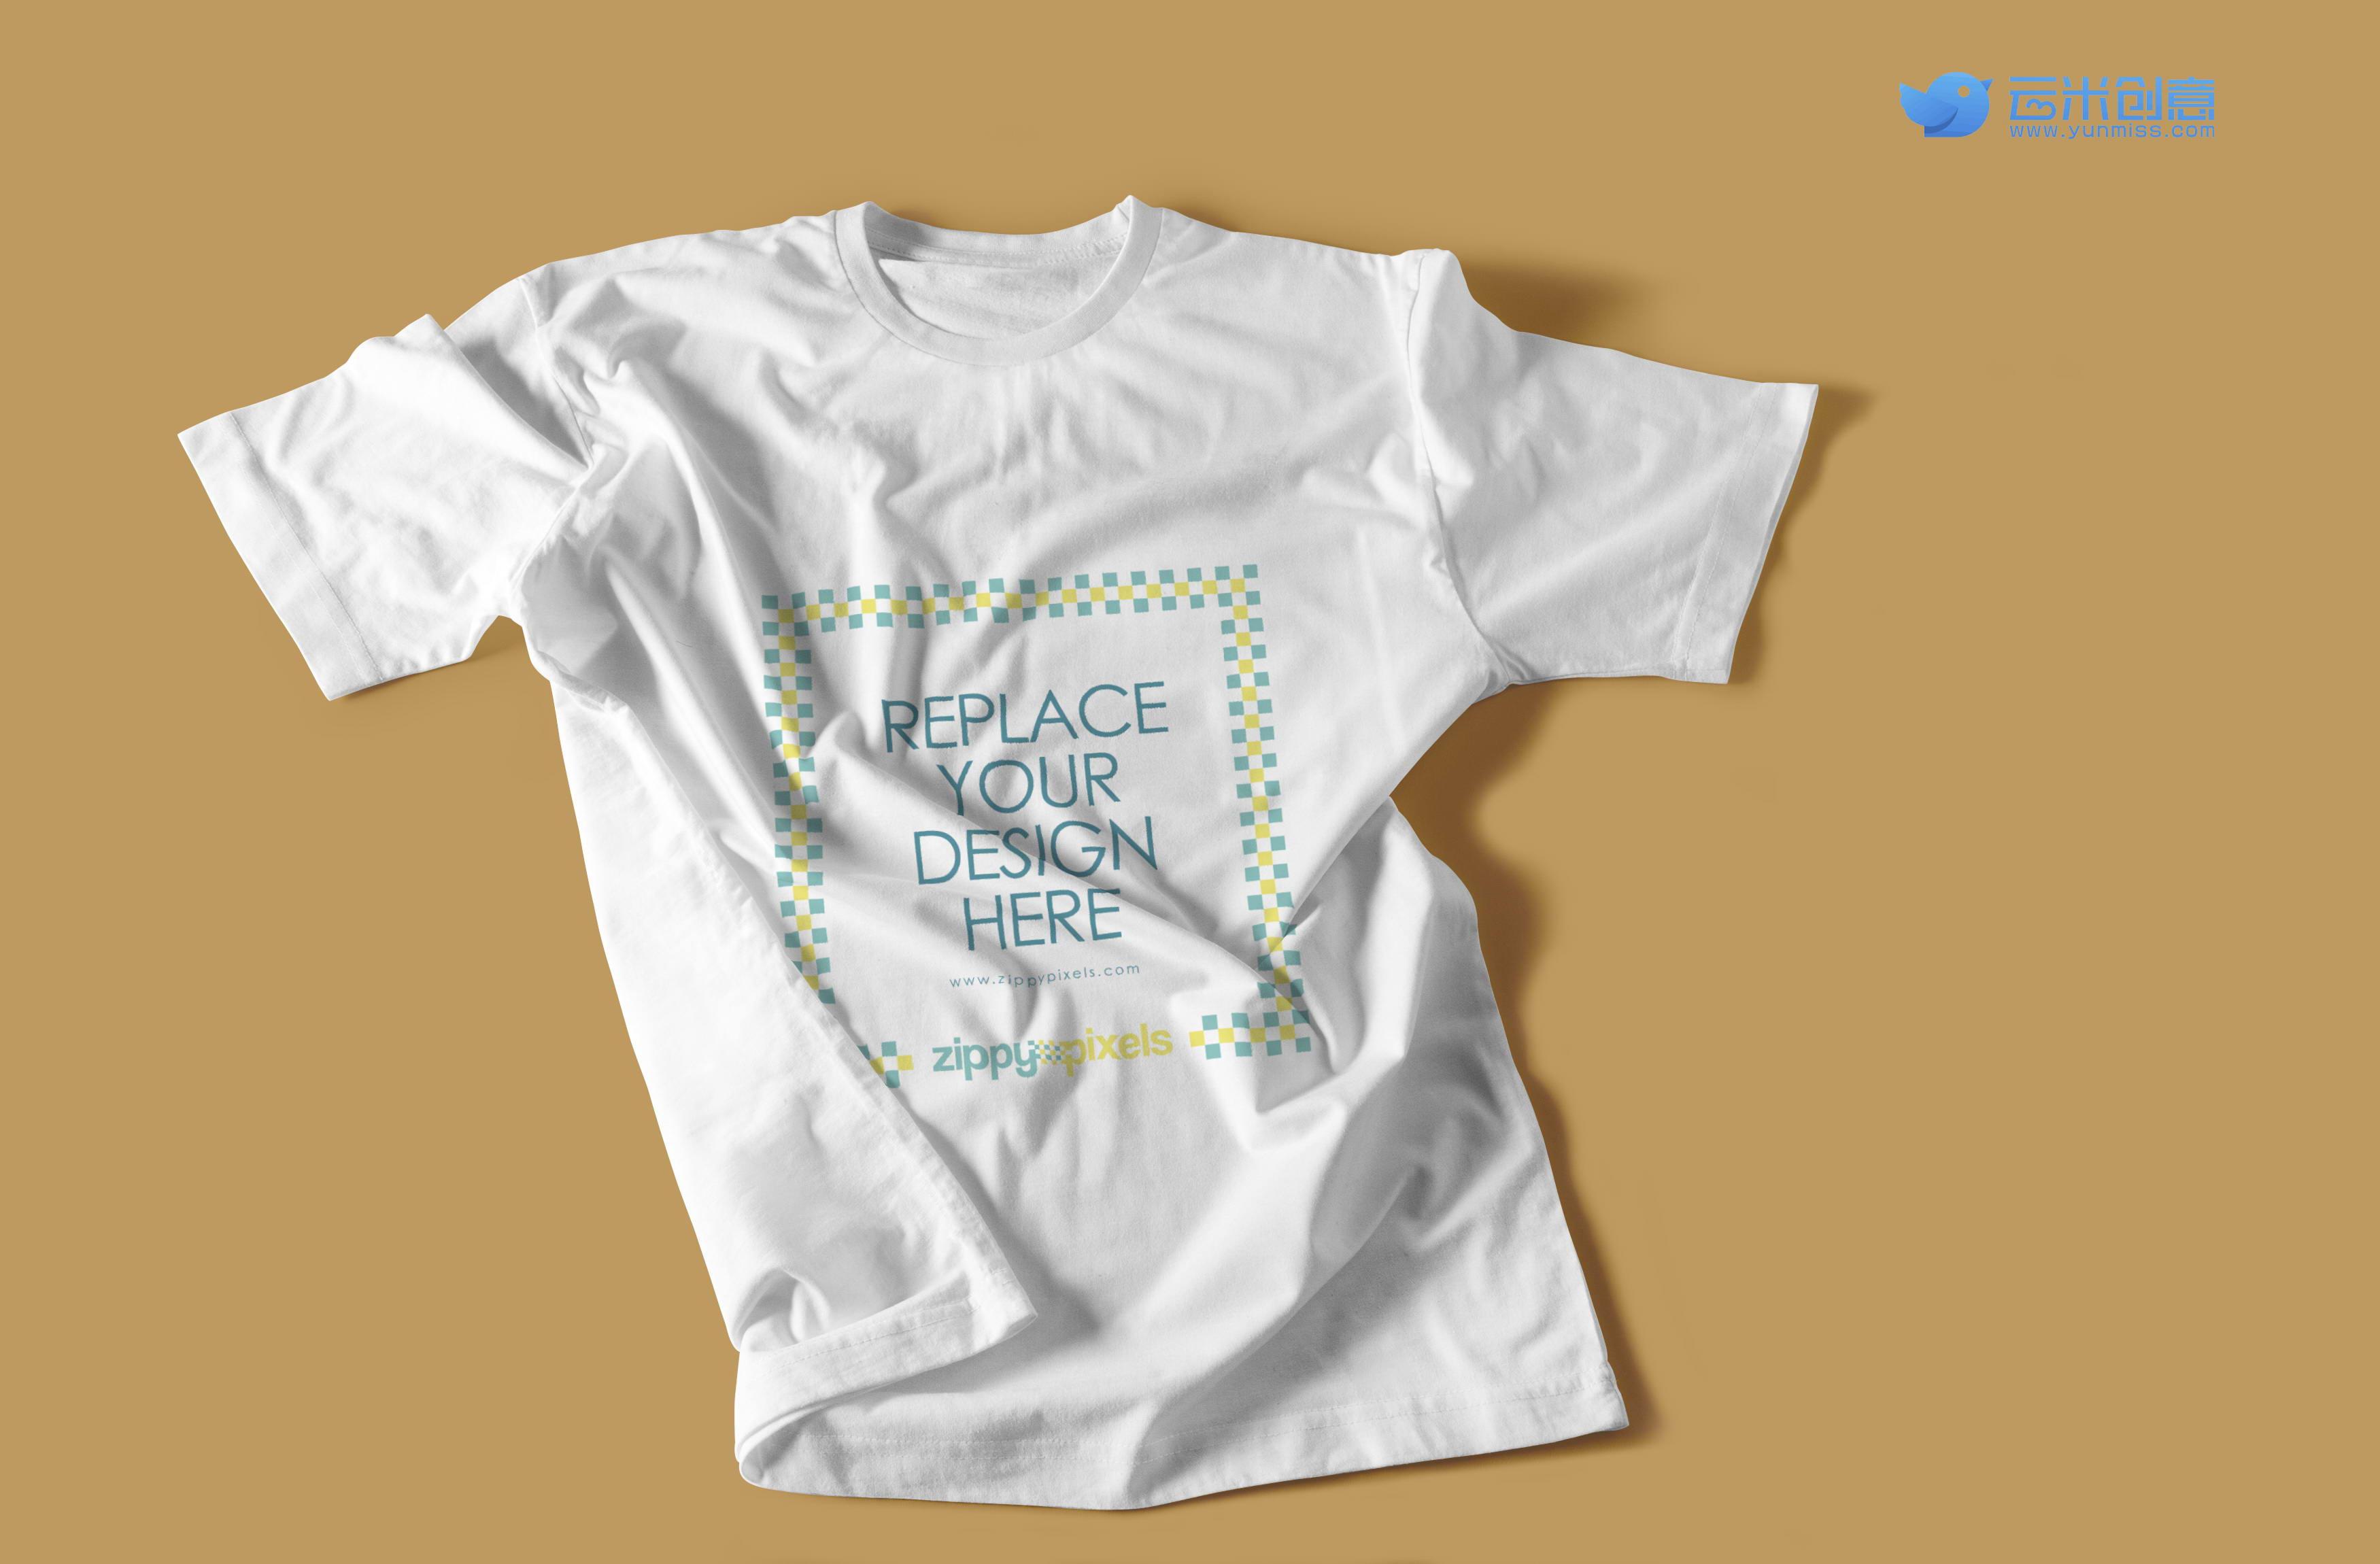 两款简单白色短袖t恤的服饰展示样机